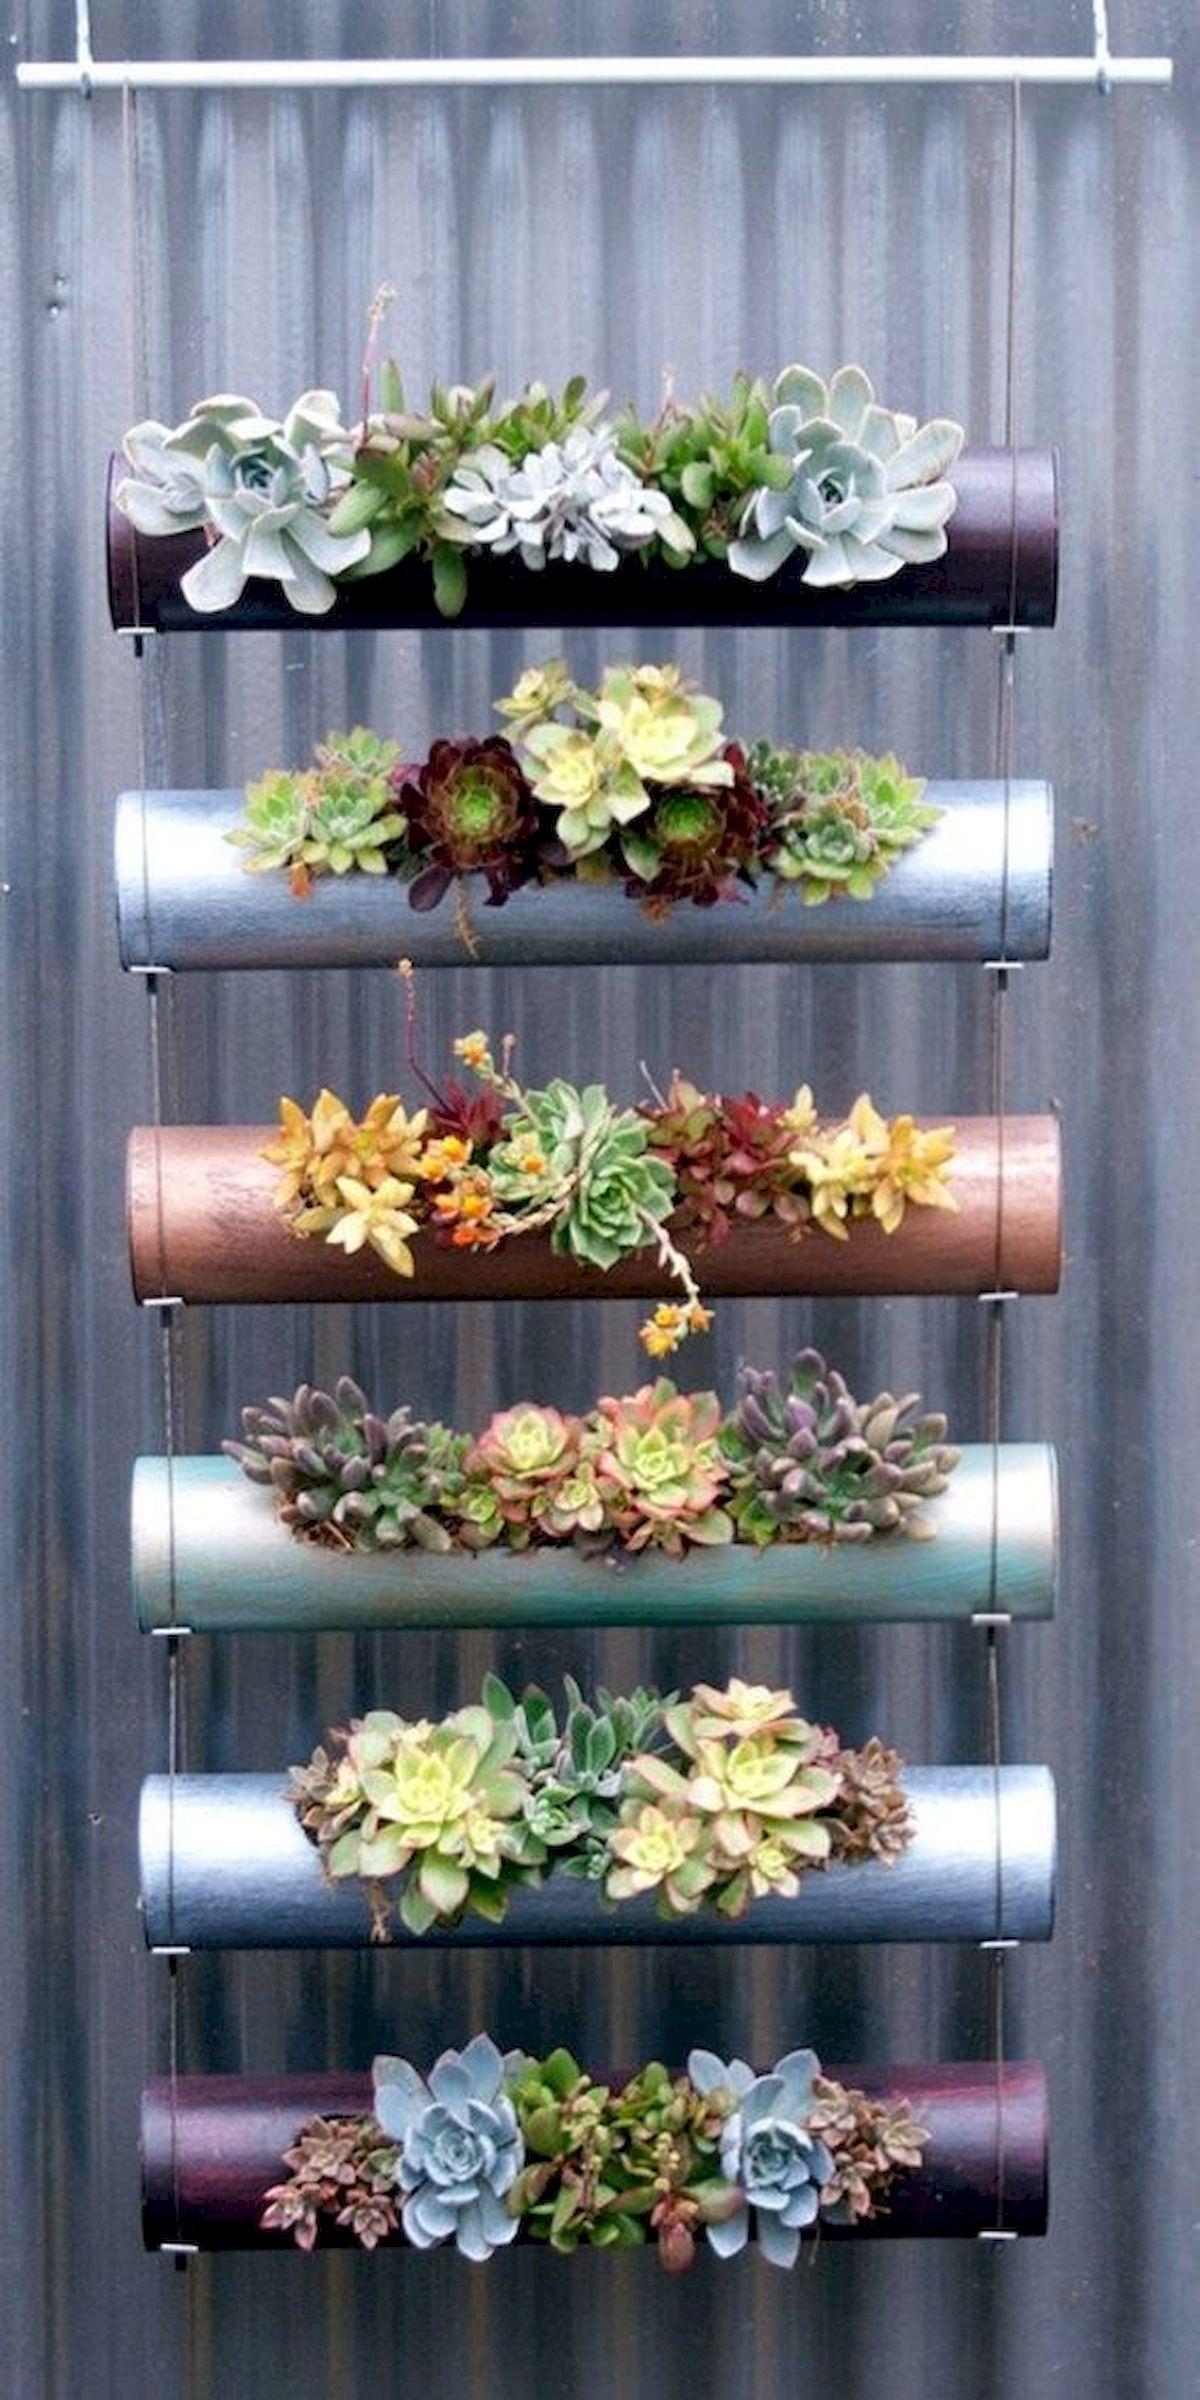 44 Creative DIY Vertical Garden Ideas To Make Your Home Beautiful (20)